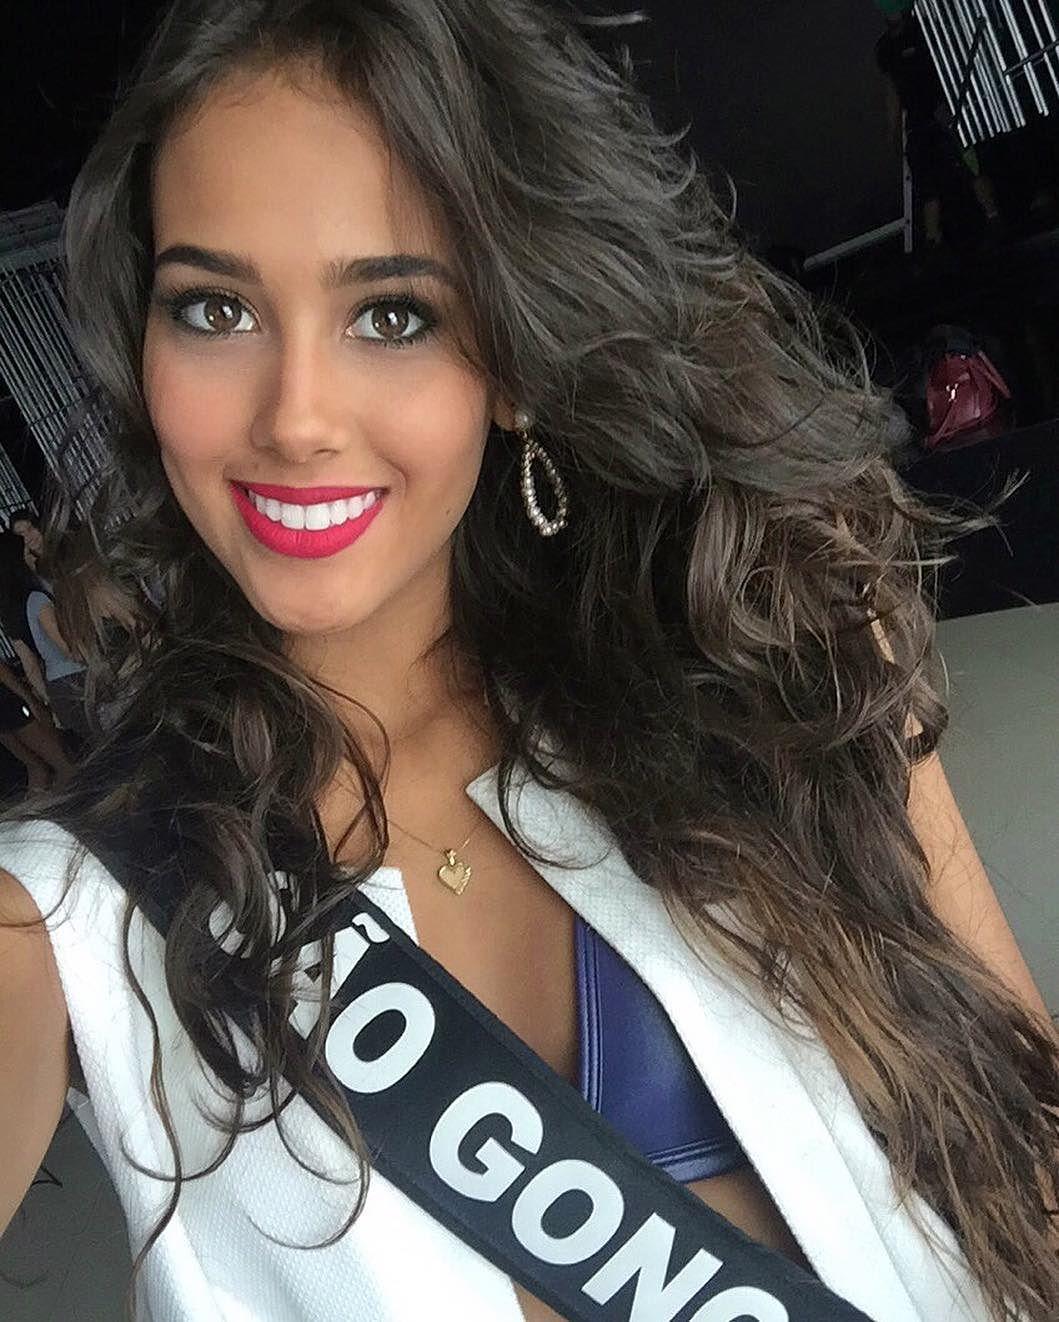 rumores de q miss sao goncalo 2016 ira participar do miss bahia universo 2017. 7cigz98j